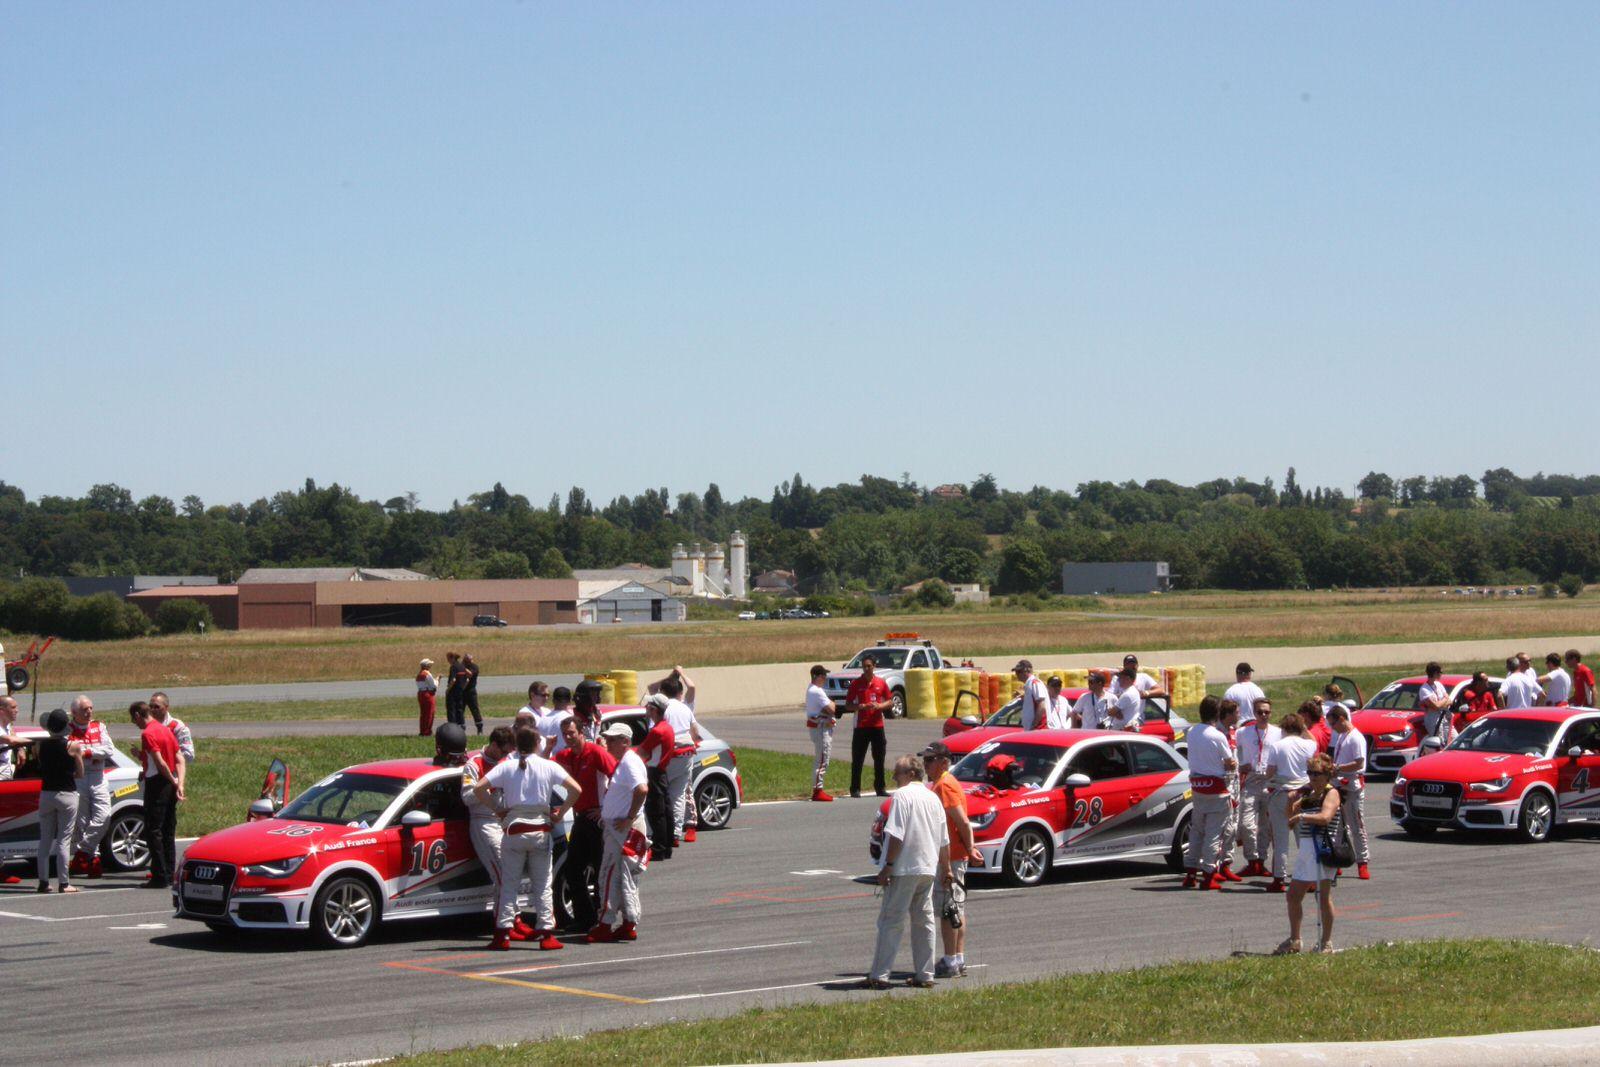 Organisation activité Course automobile sur circuit pour team-building et séminaires partout en France